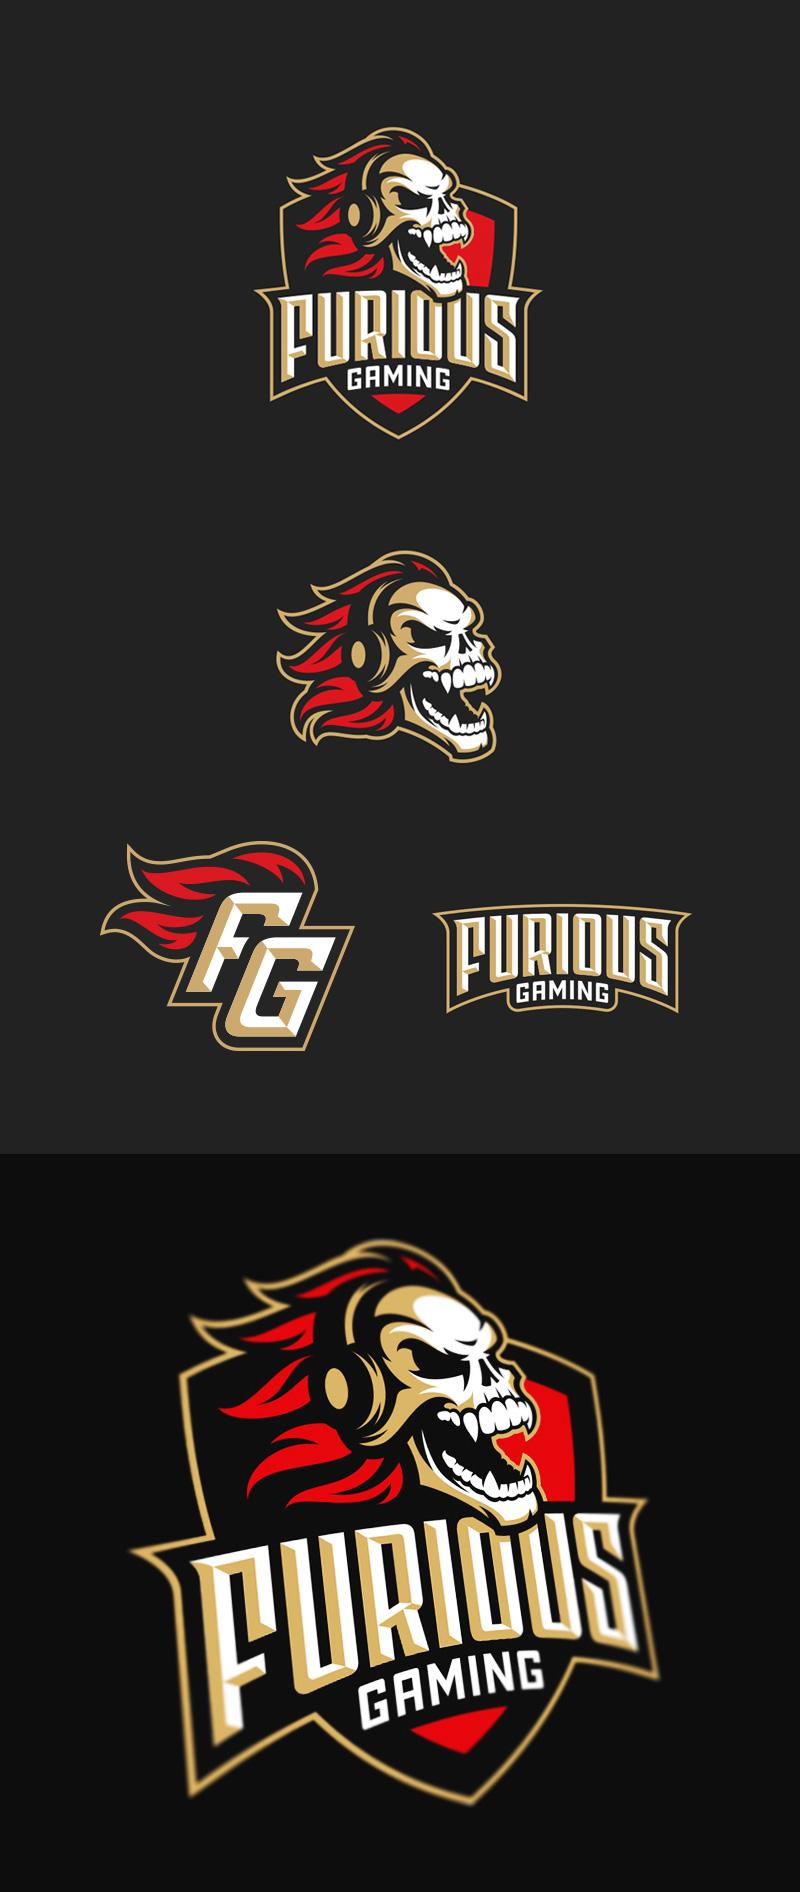 Logotipos de Equipos de eSports y gamers - Diseño de logotipo de Furious Gaming eSport Team